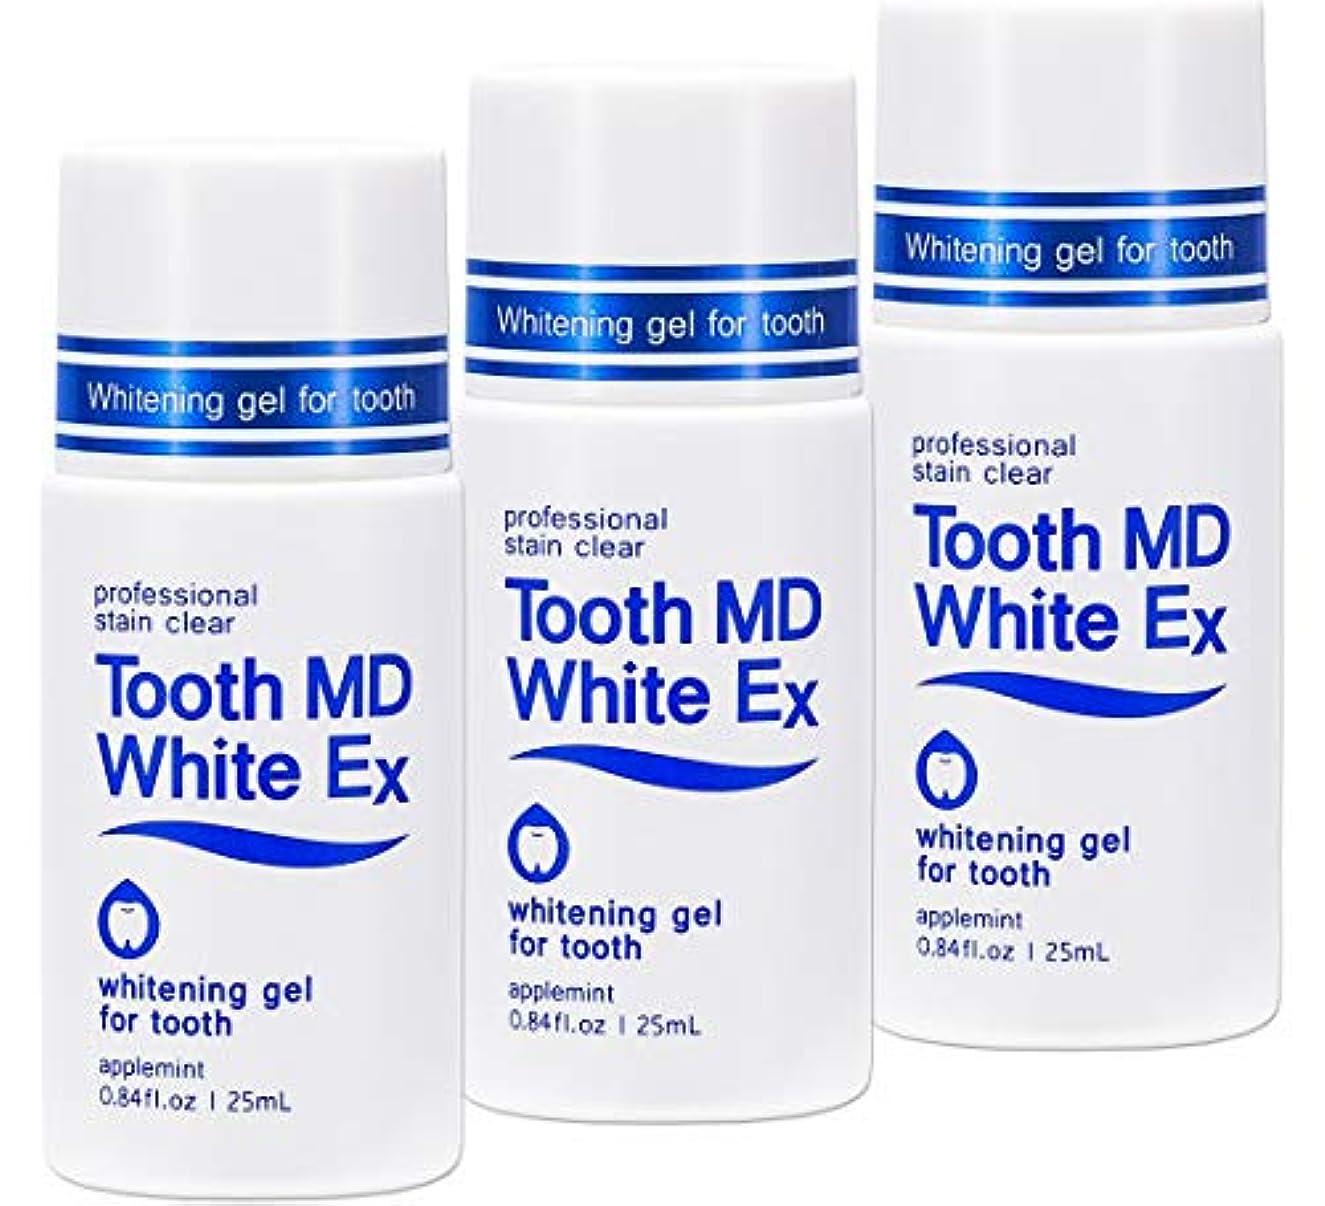 通行料金こしょうスリットトゥースMDホワイトEX 3個セット [歯のホワイトニング] 専用歯ブラシ付き